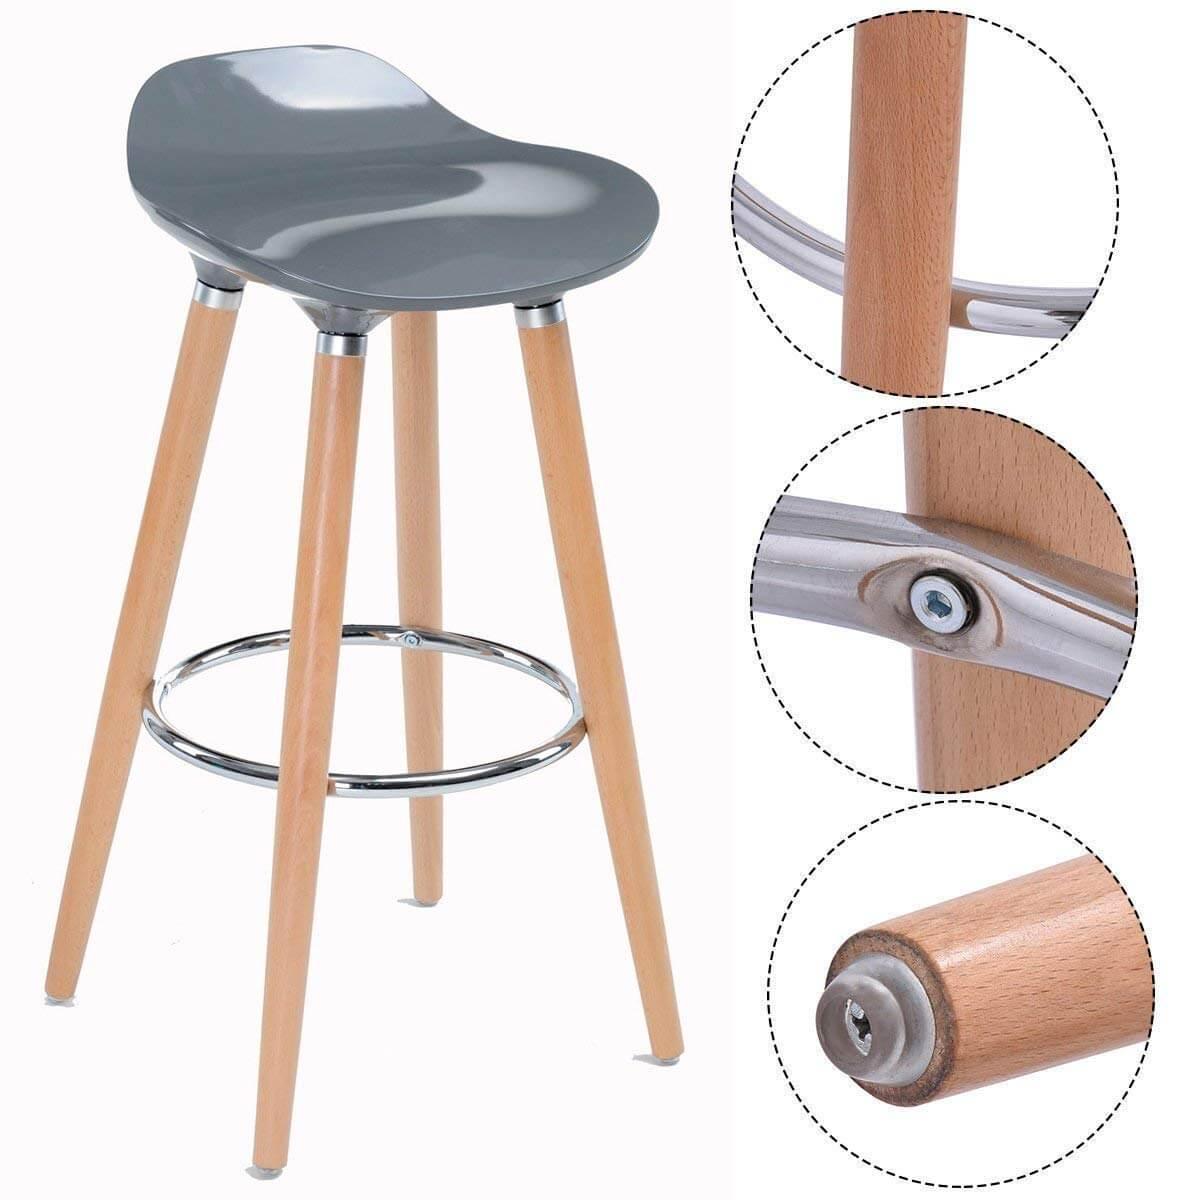 Ghế quầy bar 4 chân gỗ mặt nhựa ABS KG – 108